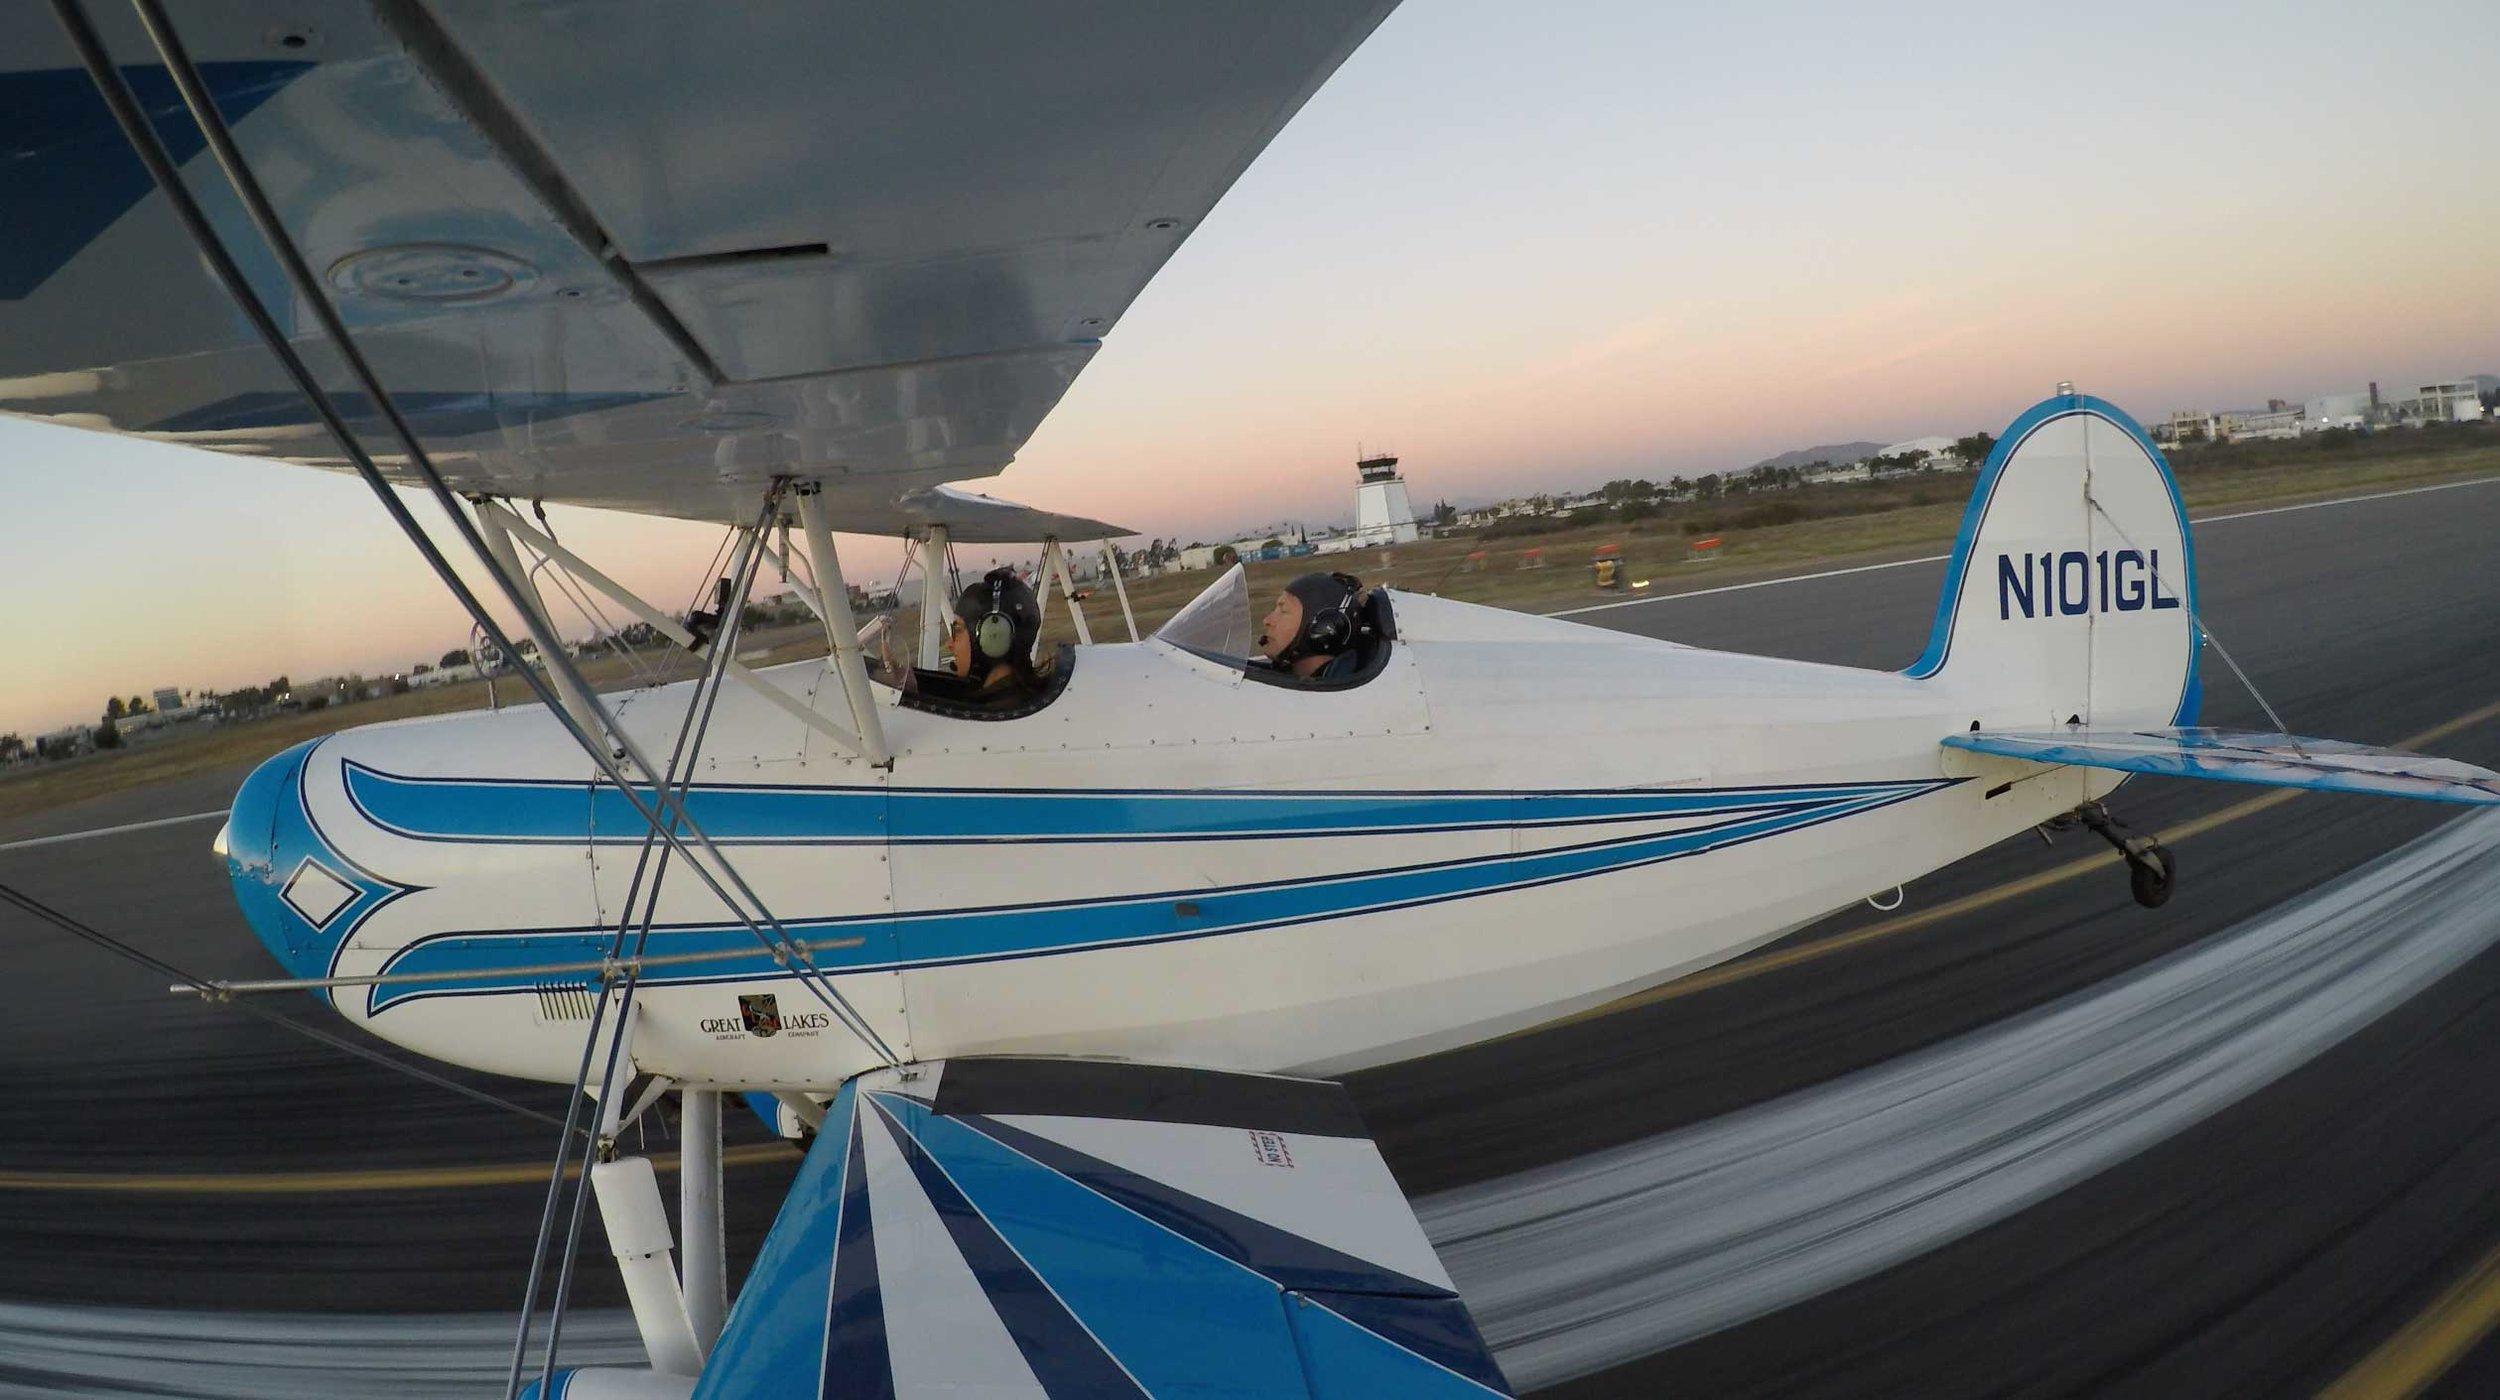 Safe landing! Taxi back to parking. Sunset Mission Complete!